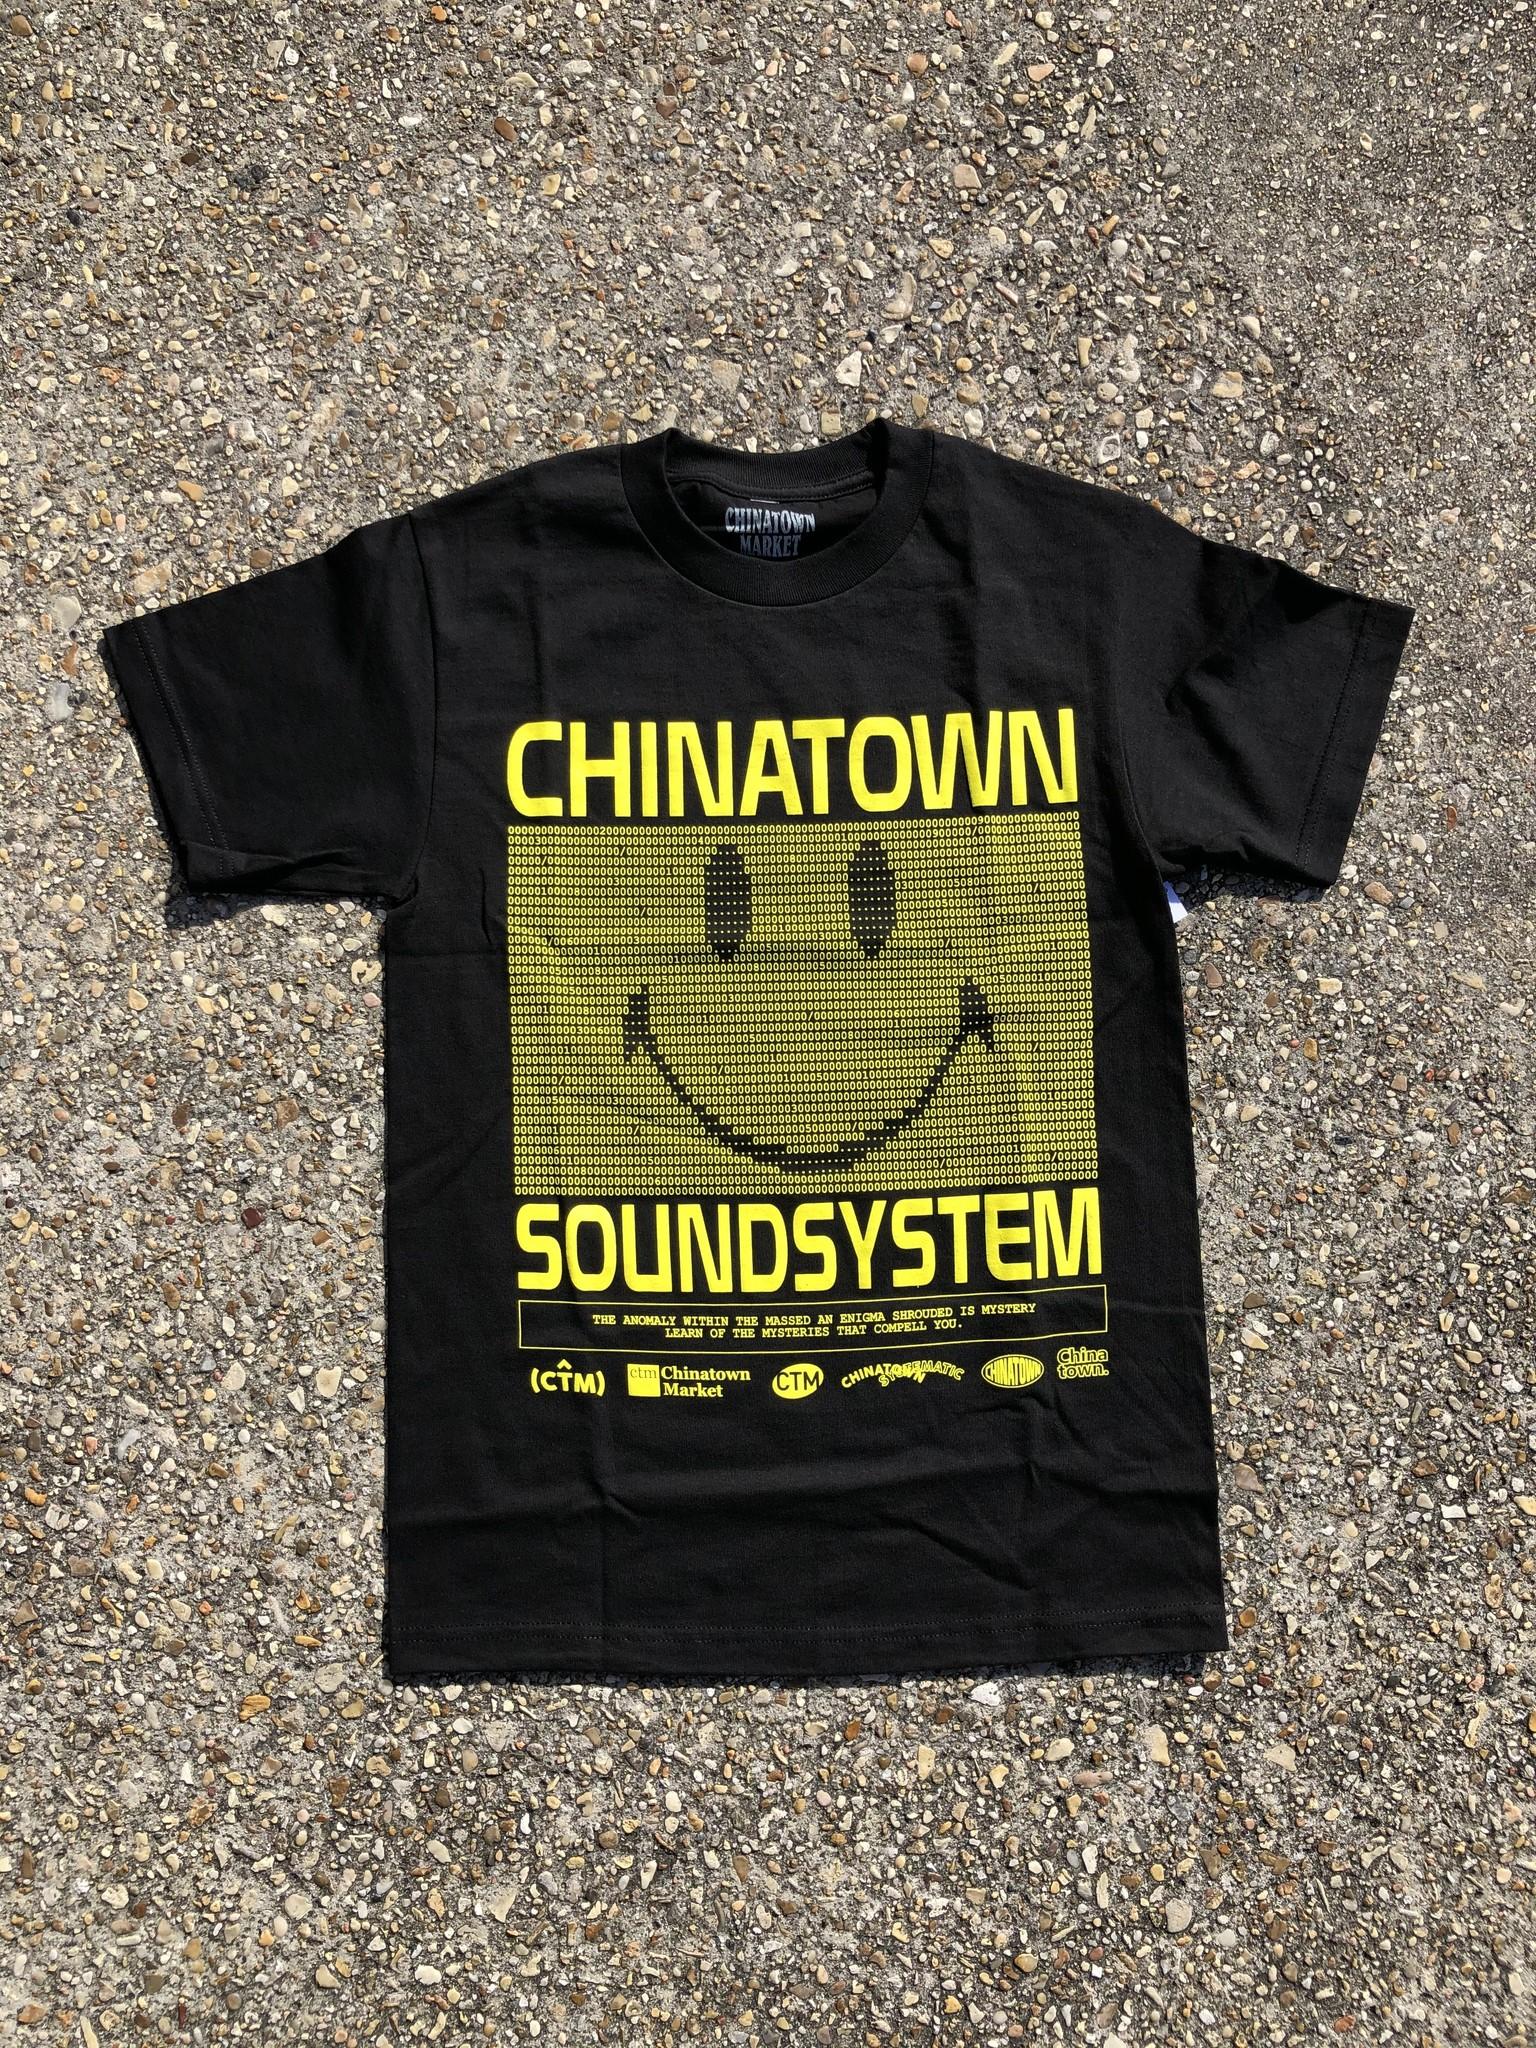 Chinatown Market Sound System Tee Black